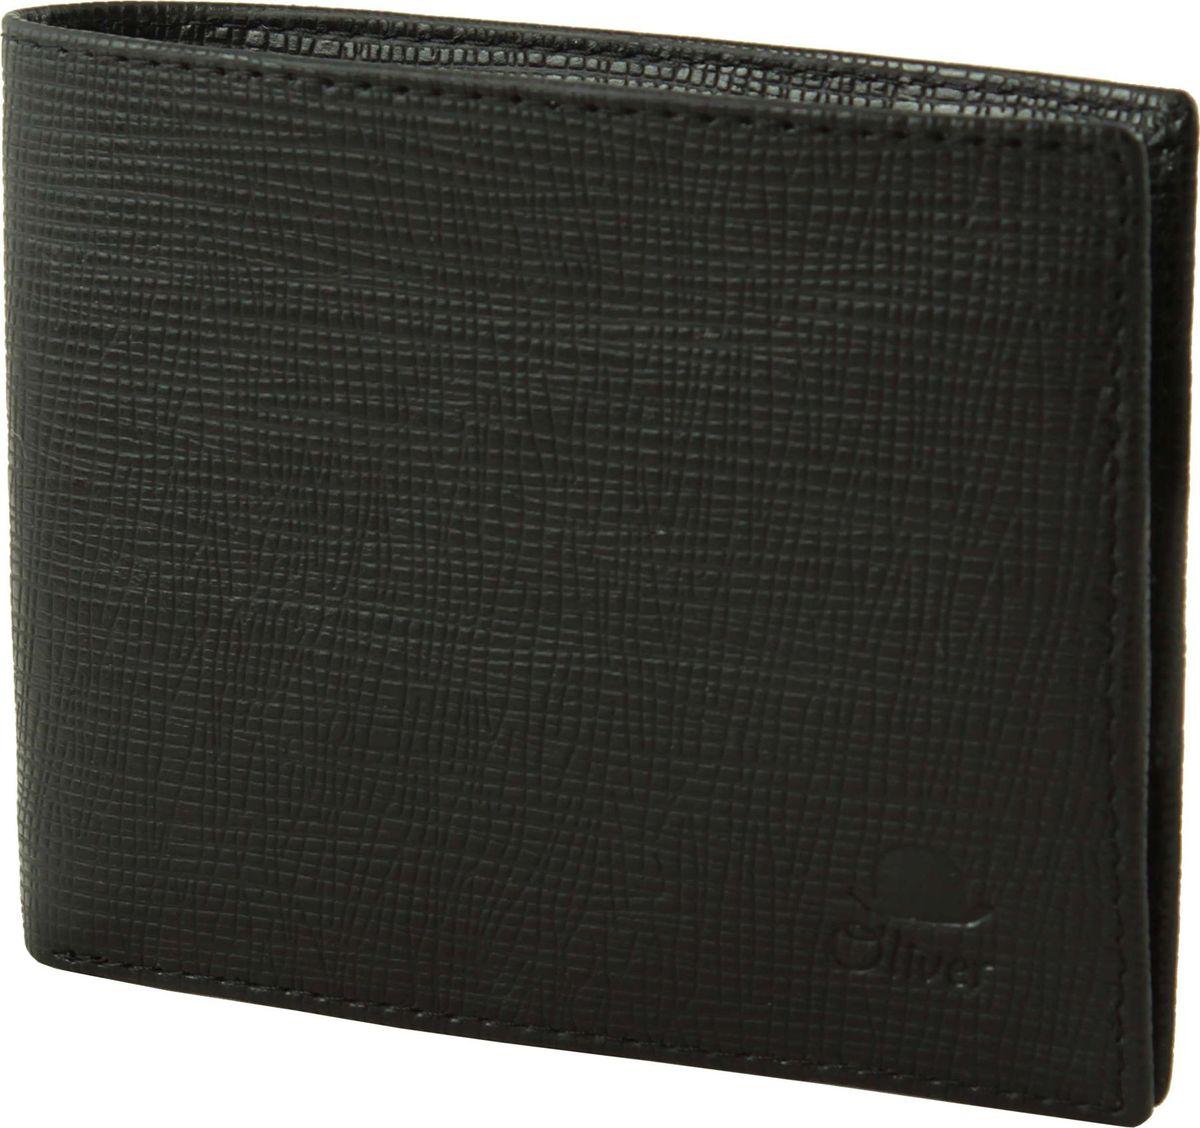 Портмоне мужское Dimanche Oliver, цвет: черный. 075 портмоне мужское cangurione цвет черный 1214 001 v black